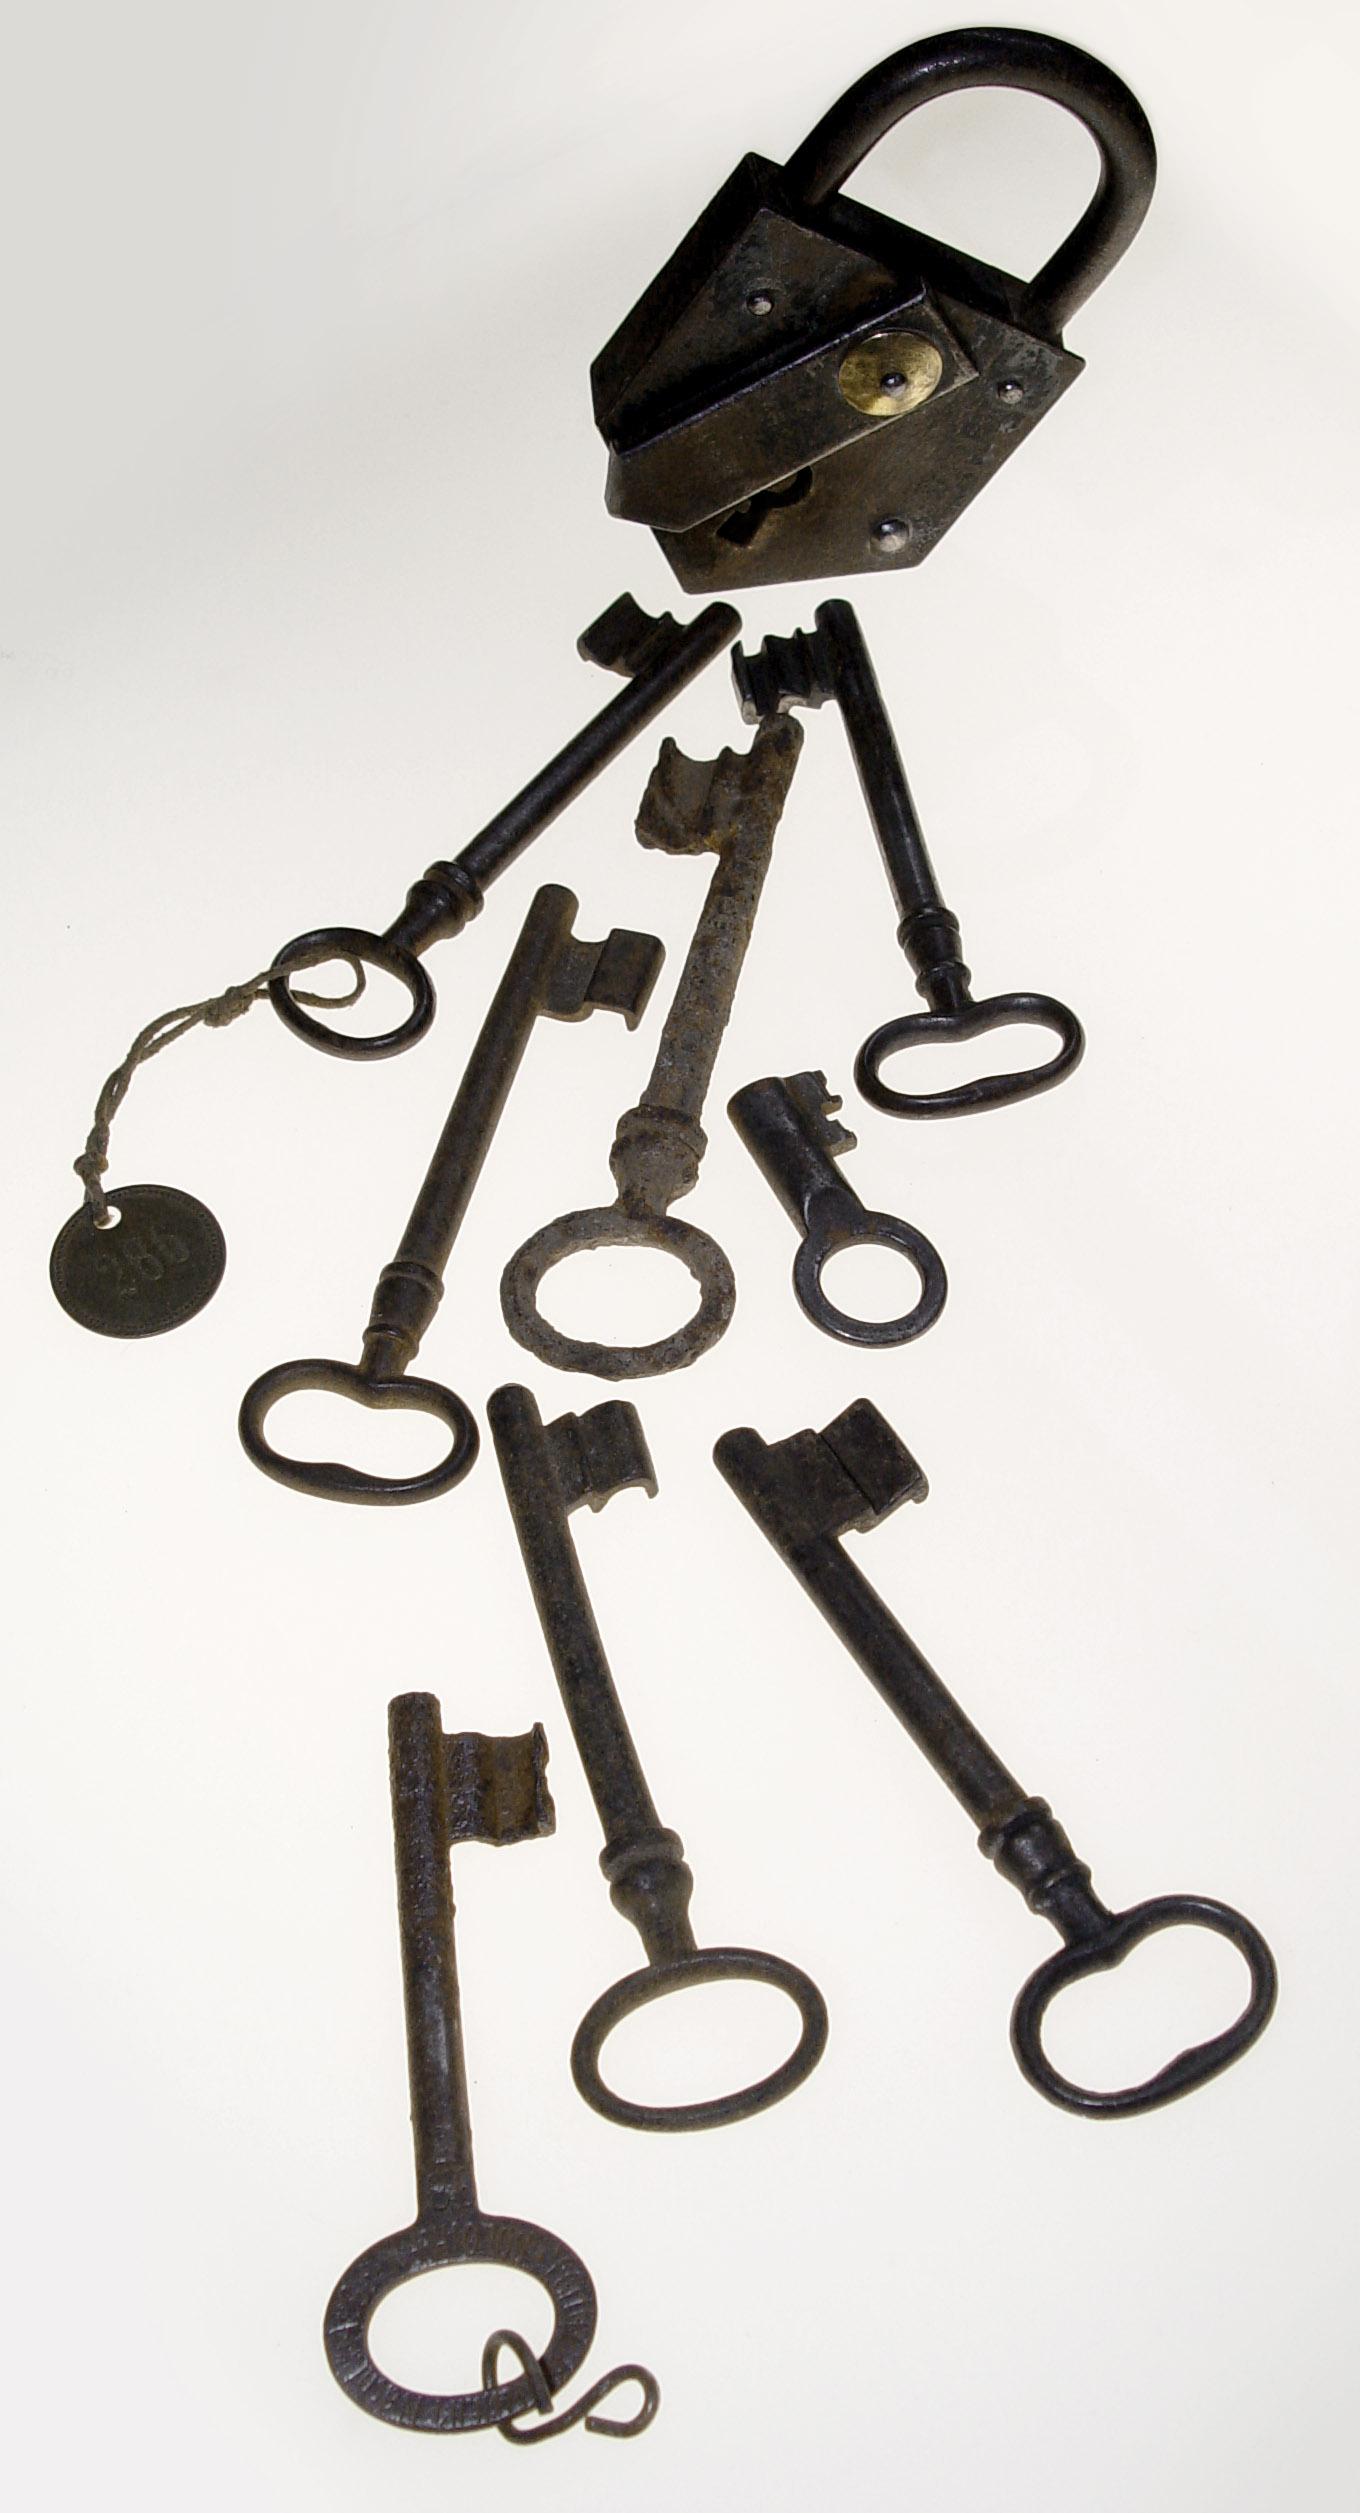 8 clés - 8 clés